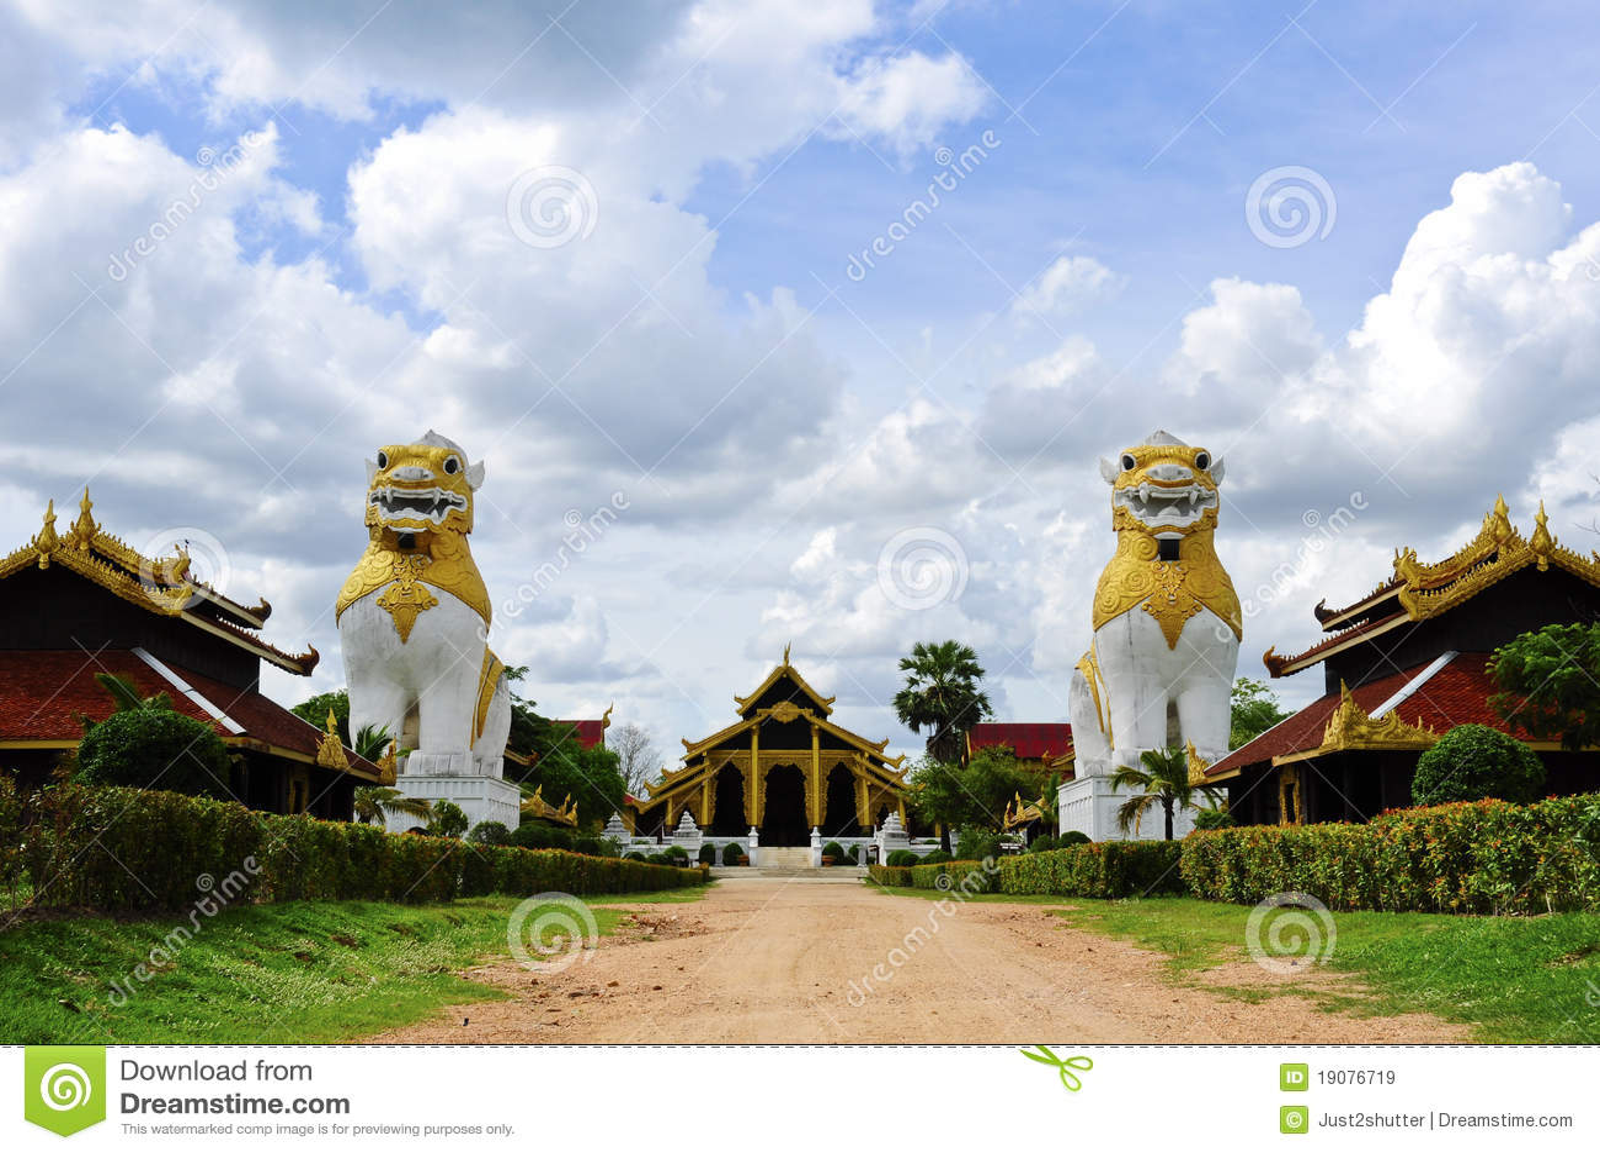 Two lion at Surasri Camp, Kanchanaburi, Thailand